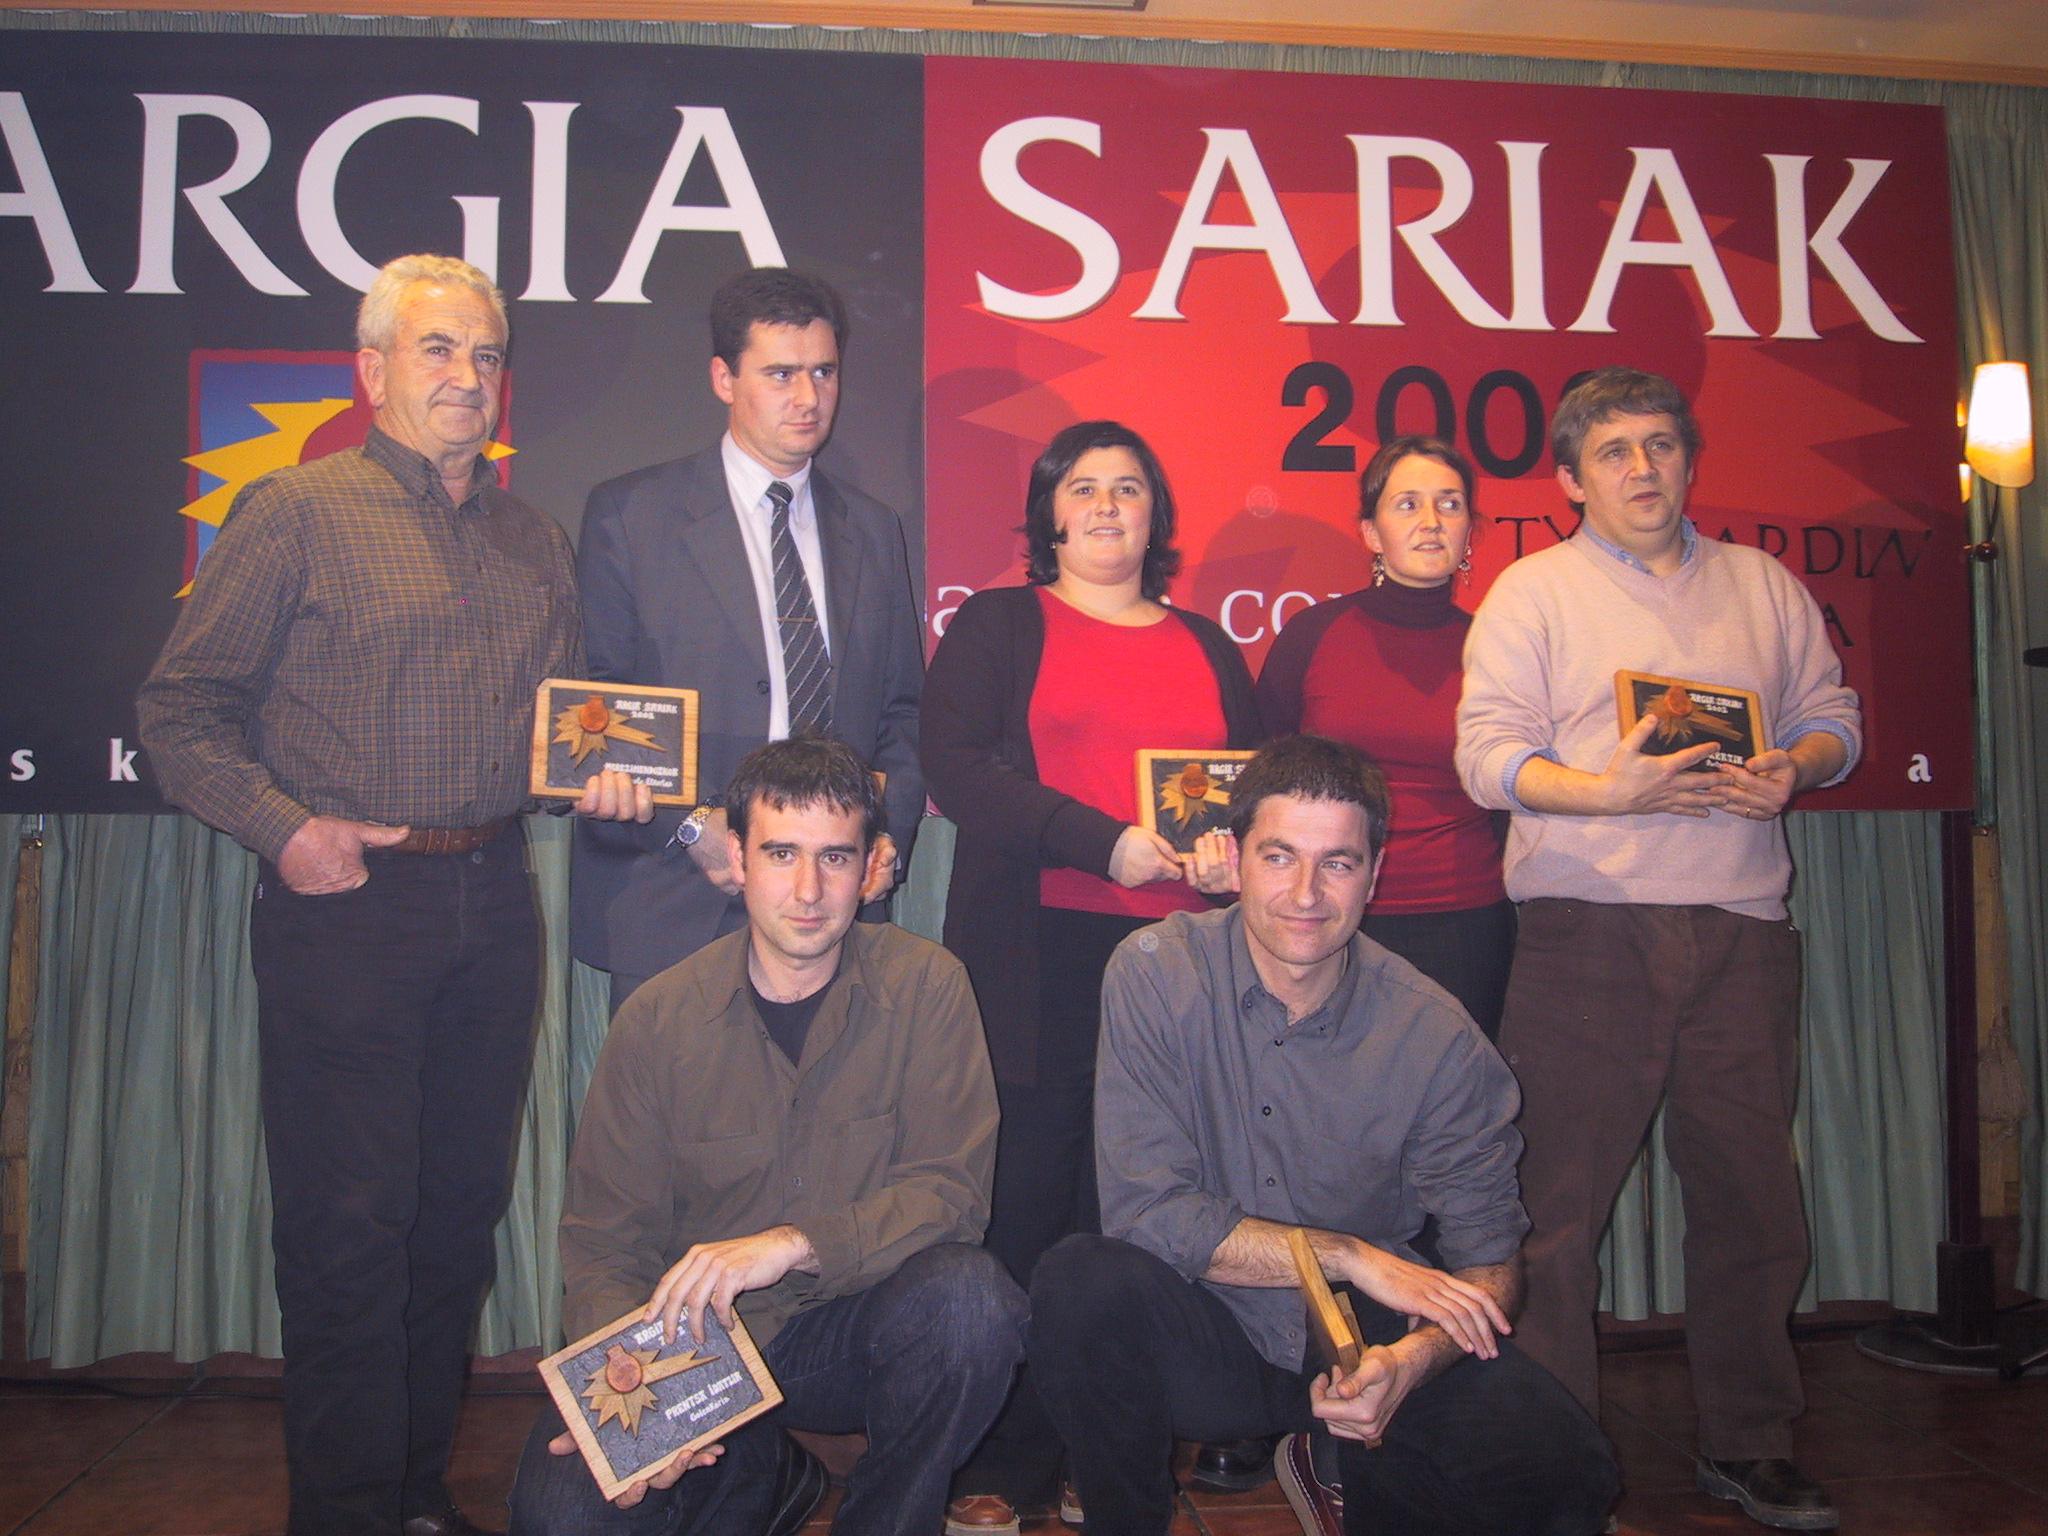 Argia Sariak 2002